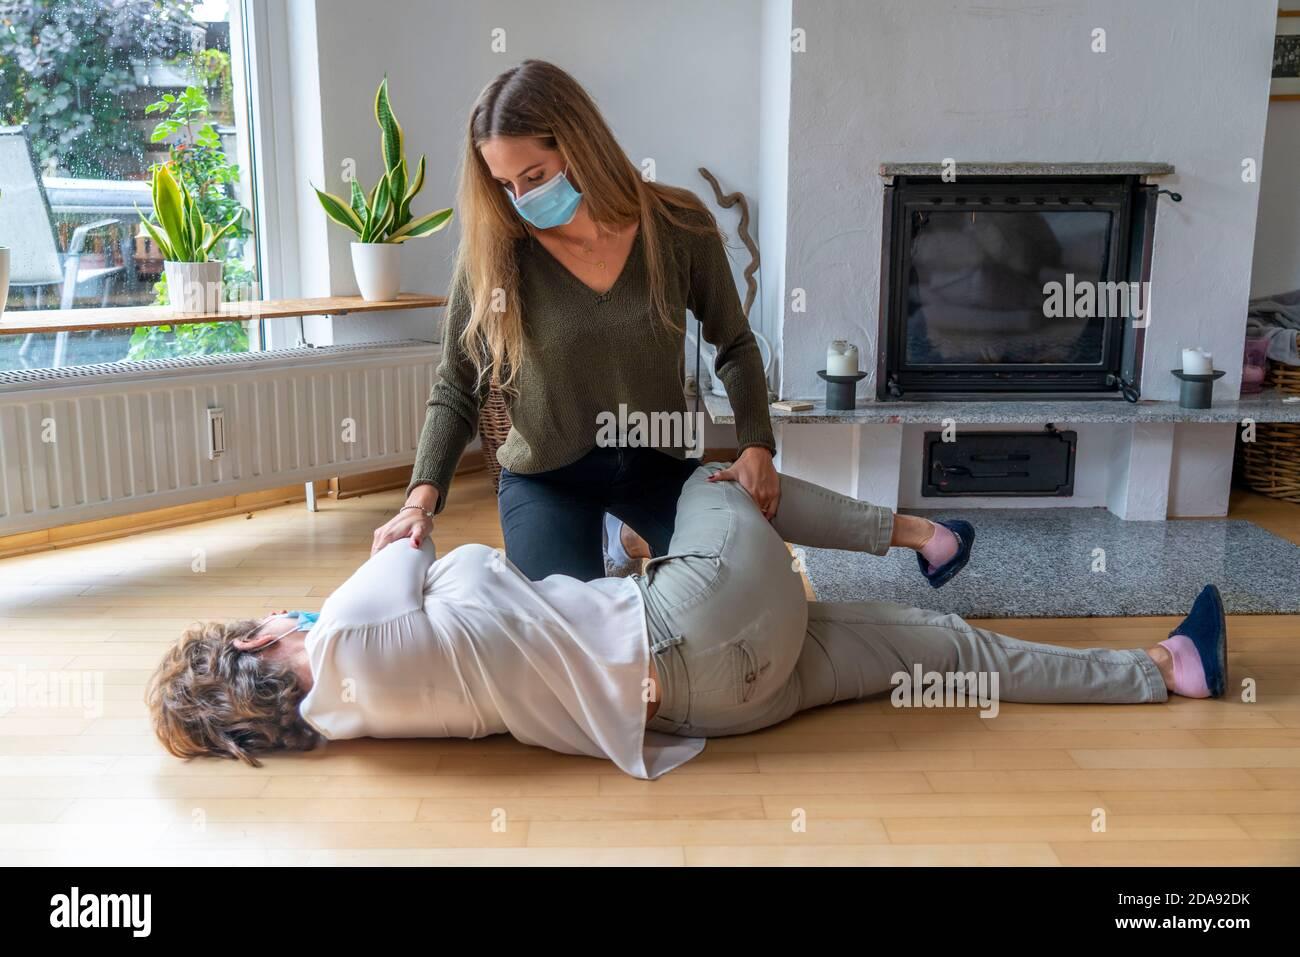 Erste Hilfe Massnahmen unter Corona-Bedingungen, Stabile Seitenlage,  nach einem Unfall im der Wohnung, mit Mund-Nase-Maske, beim ErsteHilfe Leistende Stock Photo